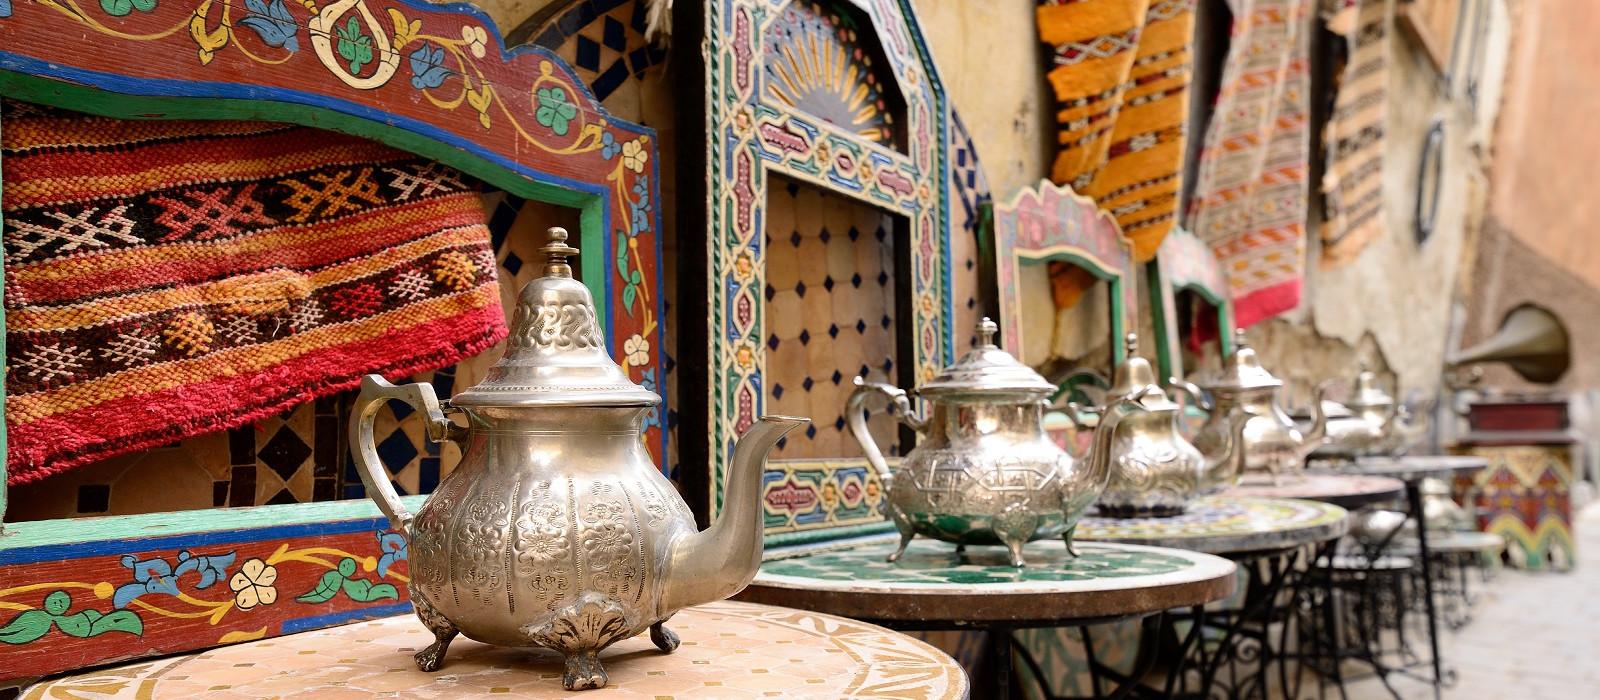 Marokko: Zugreise für Entdecker Urlaub 1